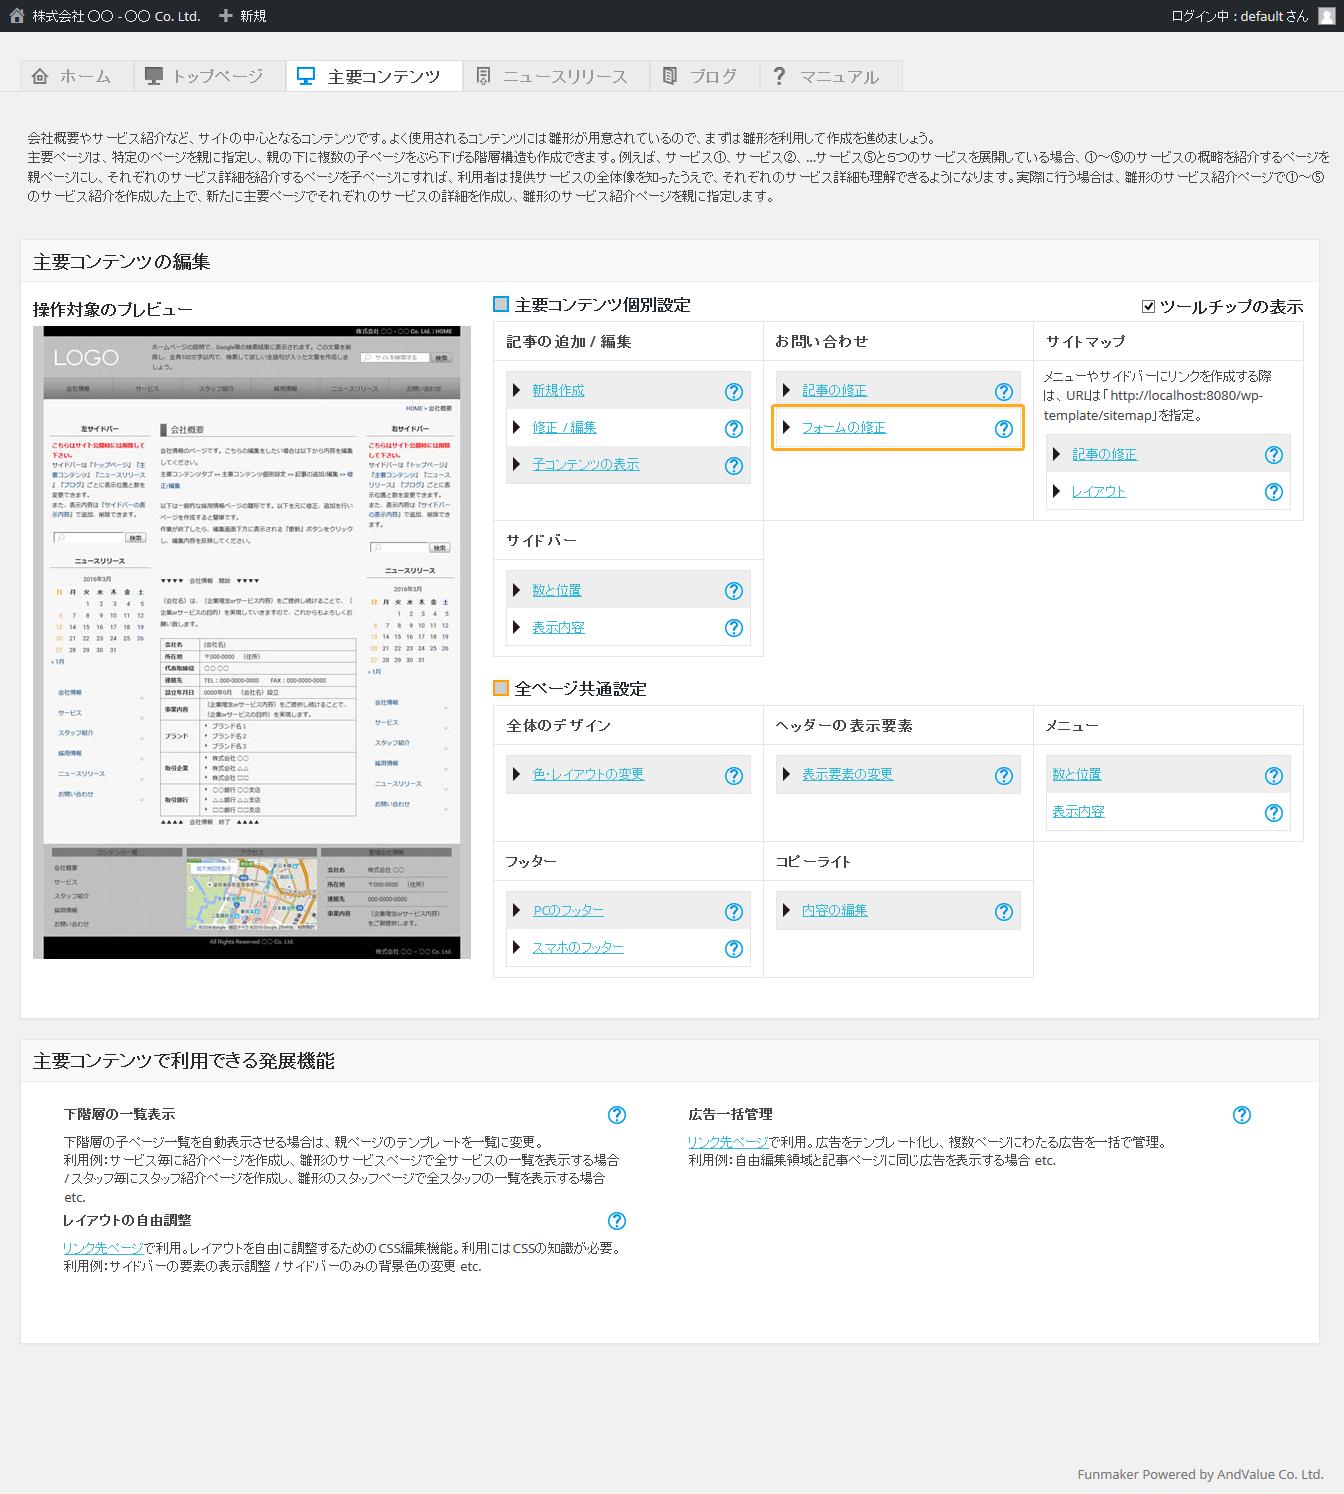 お問い合わせフォームの編集 - 簡単格安ホームページ作成会社 -FunMaker